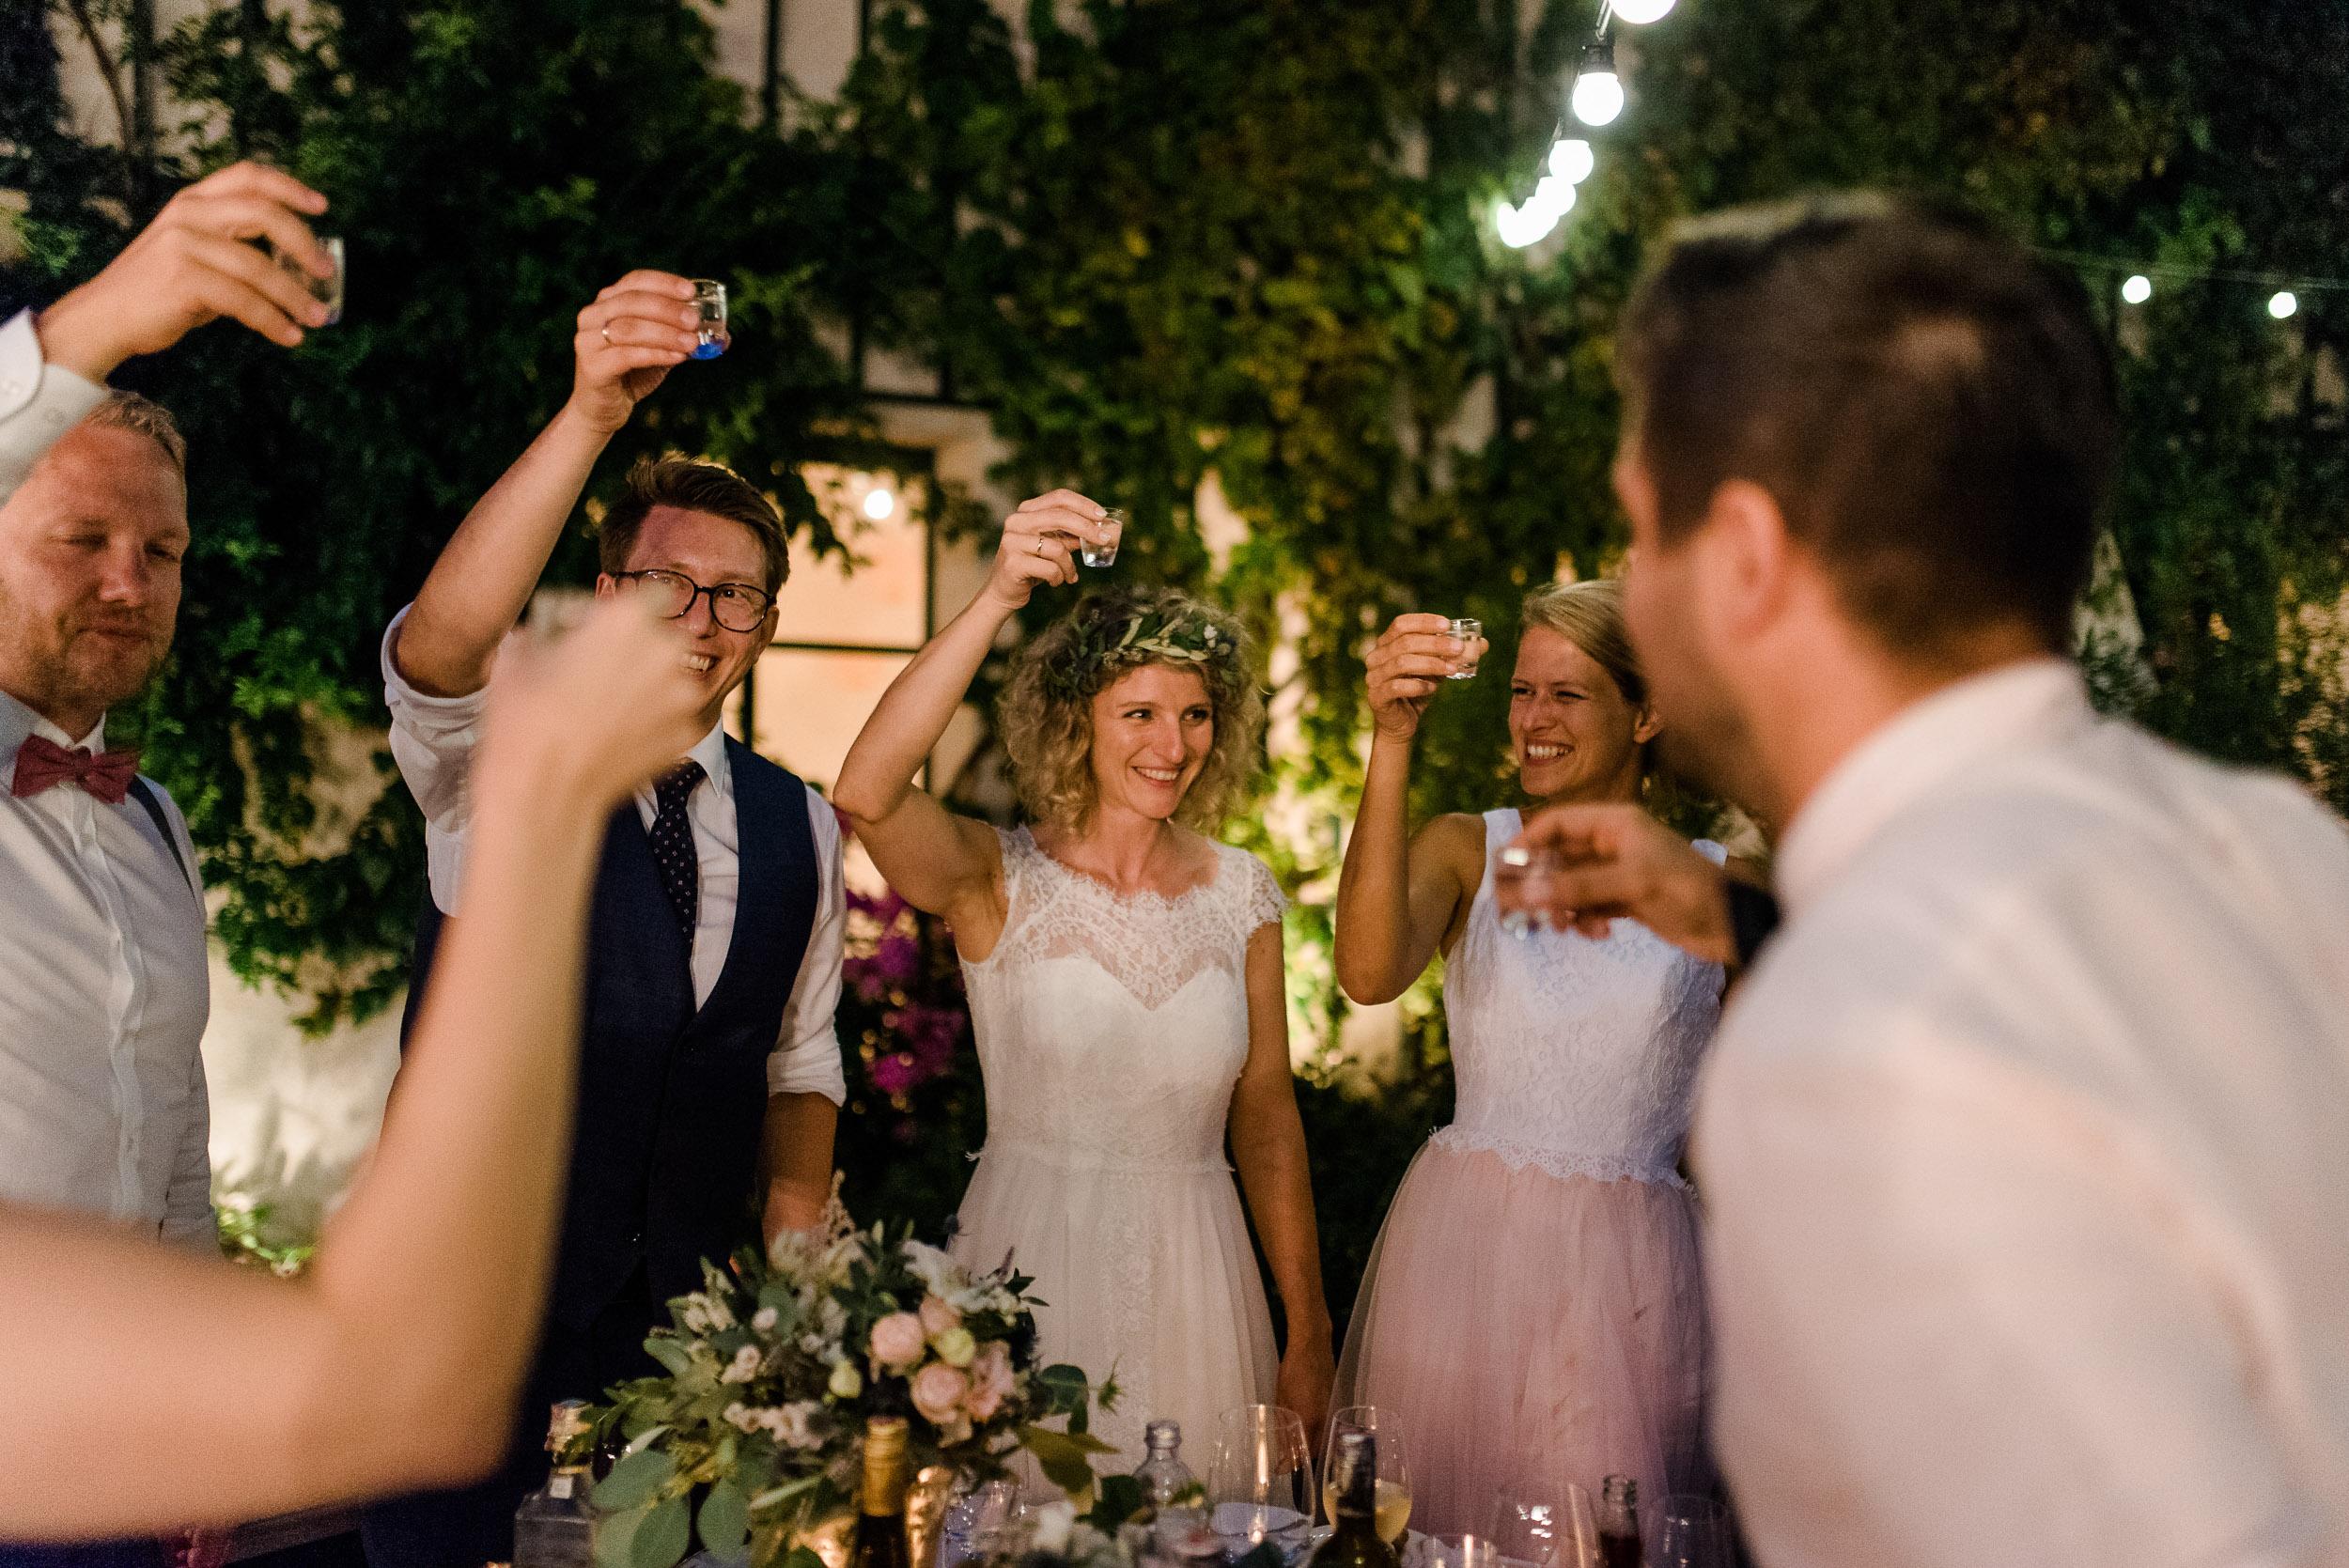 rosemarrylemon_Hochzeit_ES_Hochzeitsplanung6.jpg